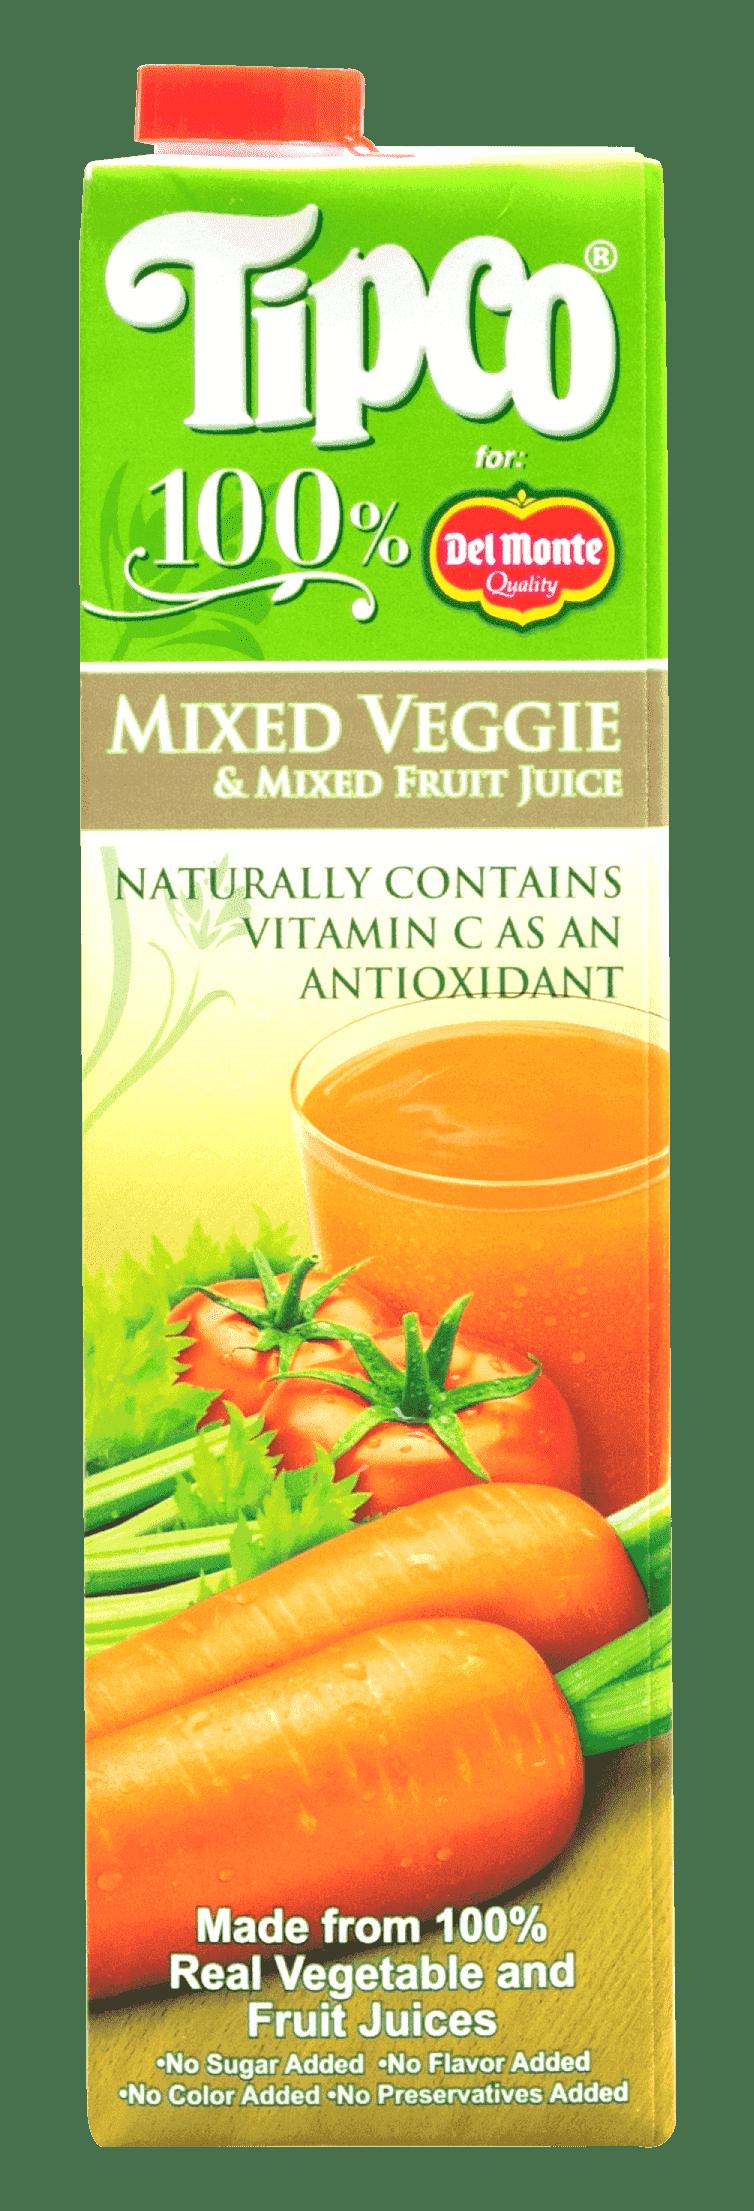 Tipco 100% Mixed Veggies and Mixed Fruit Juice